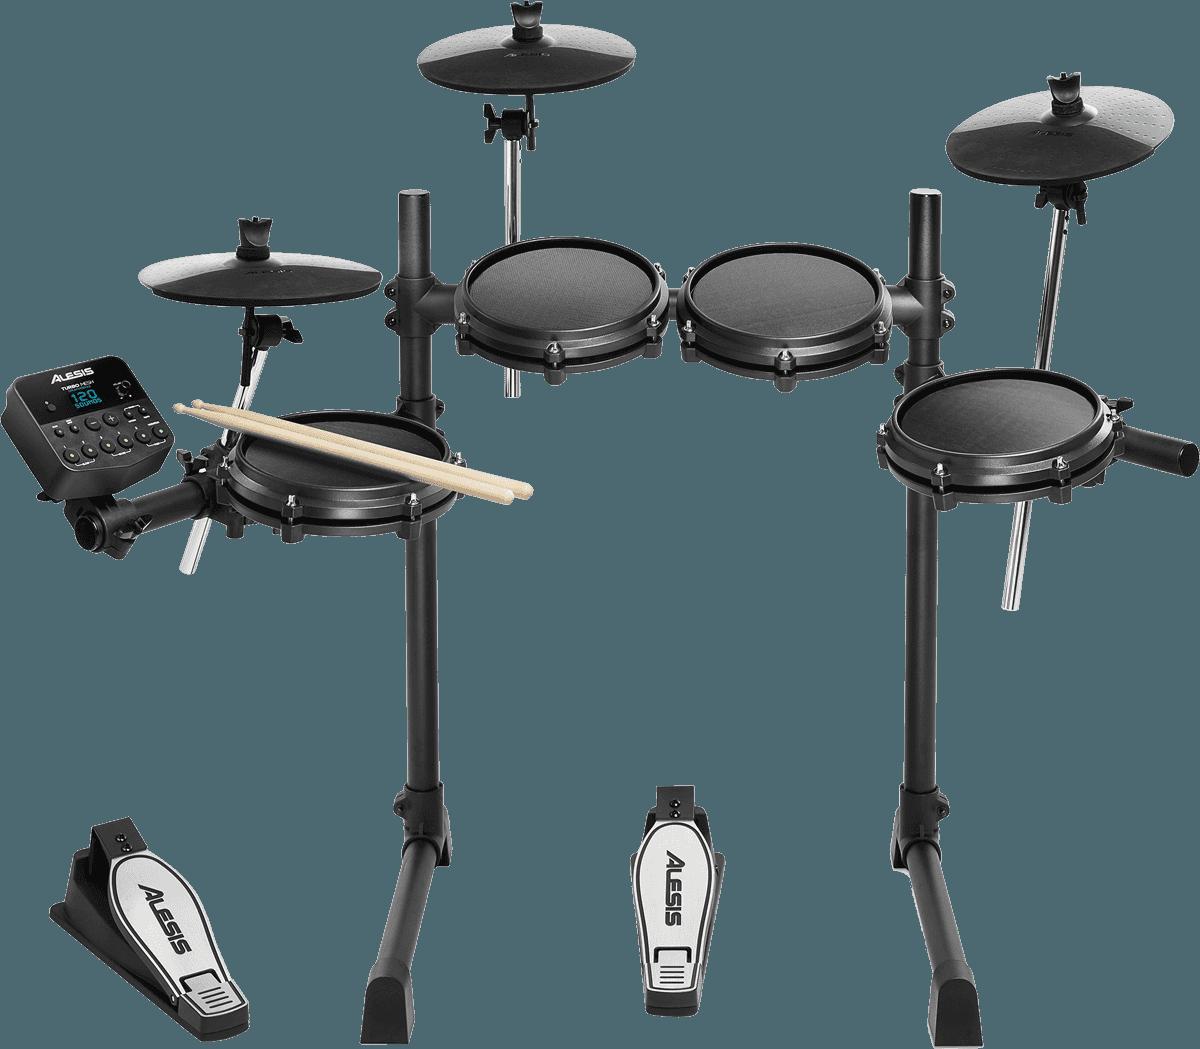 Alesis Turbo Mesh Kit Electronic drum kit & set